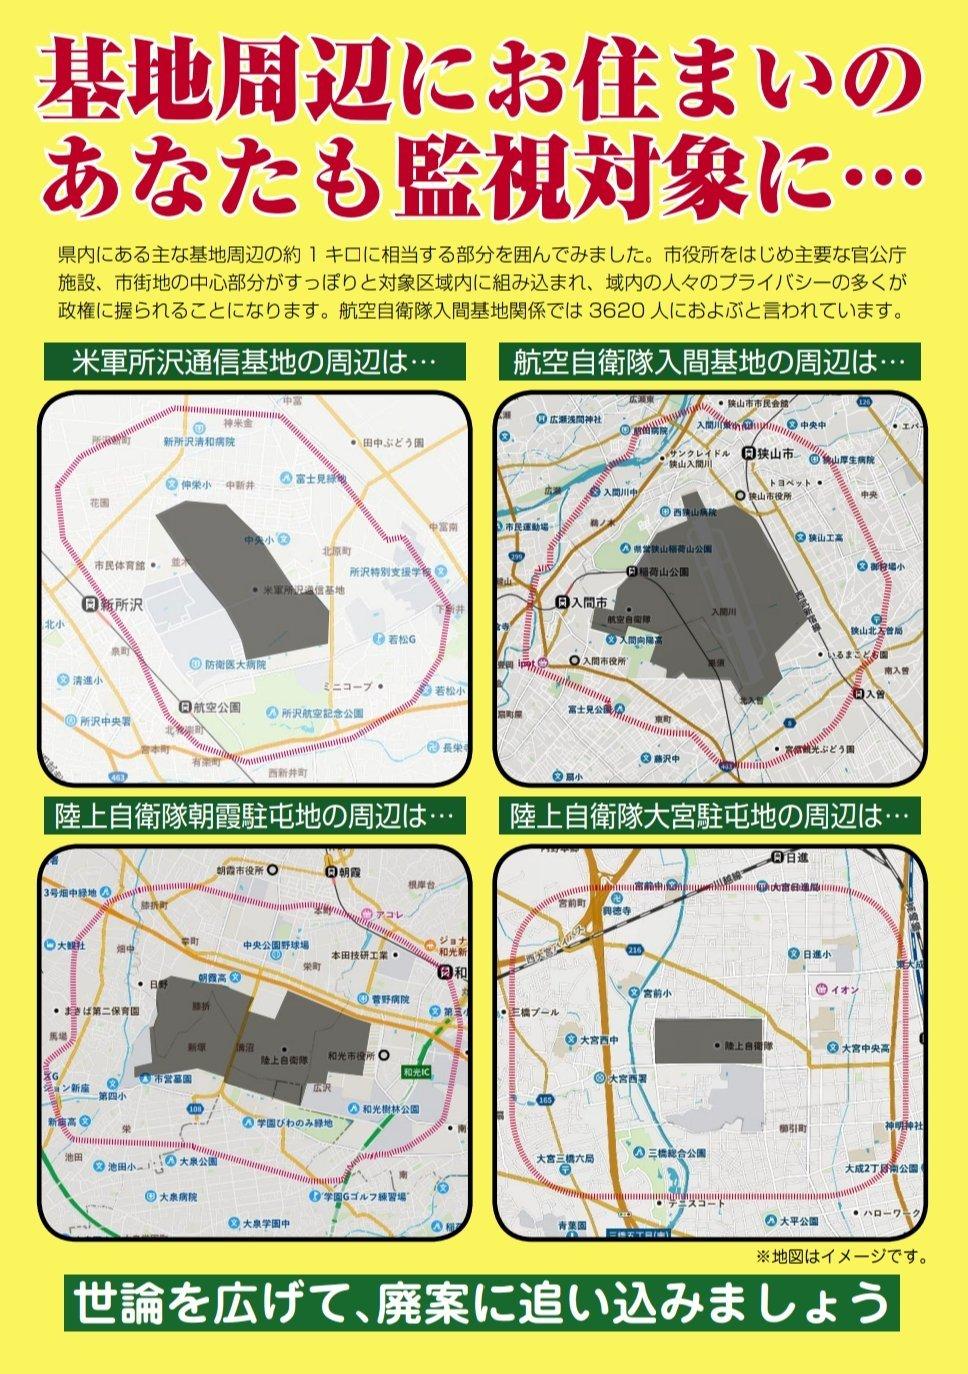 重要土地利用規制法案_b0301101_04425192.jpg